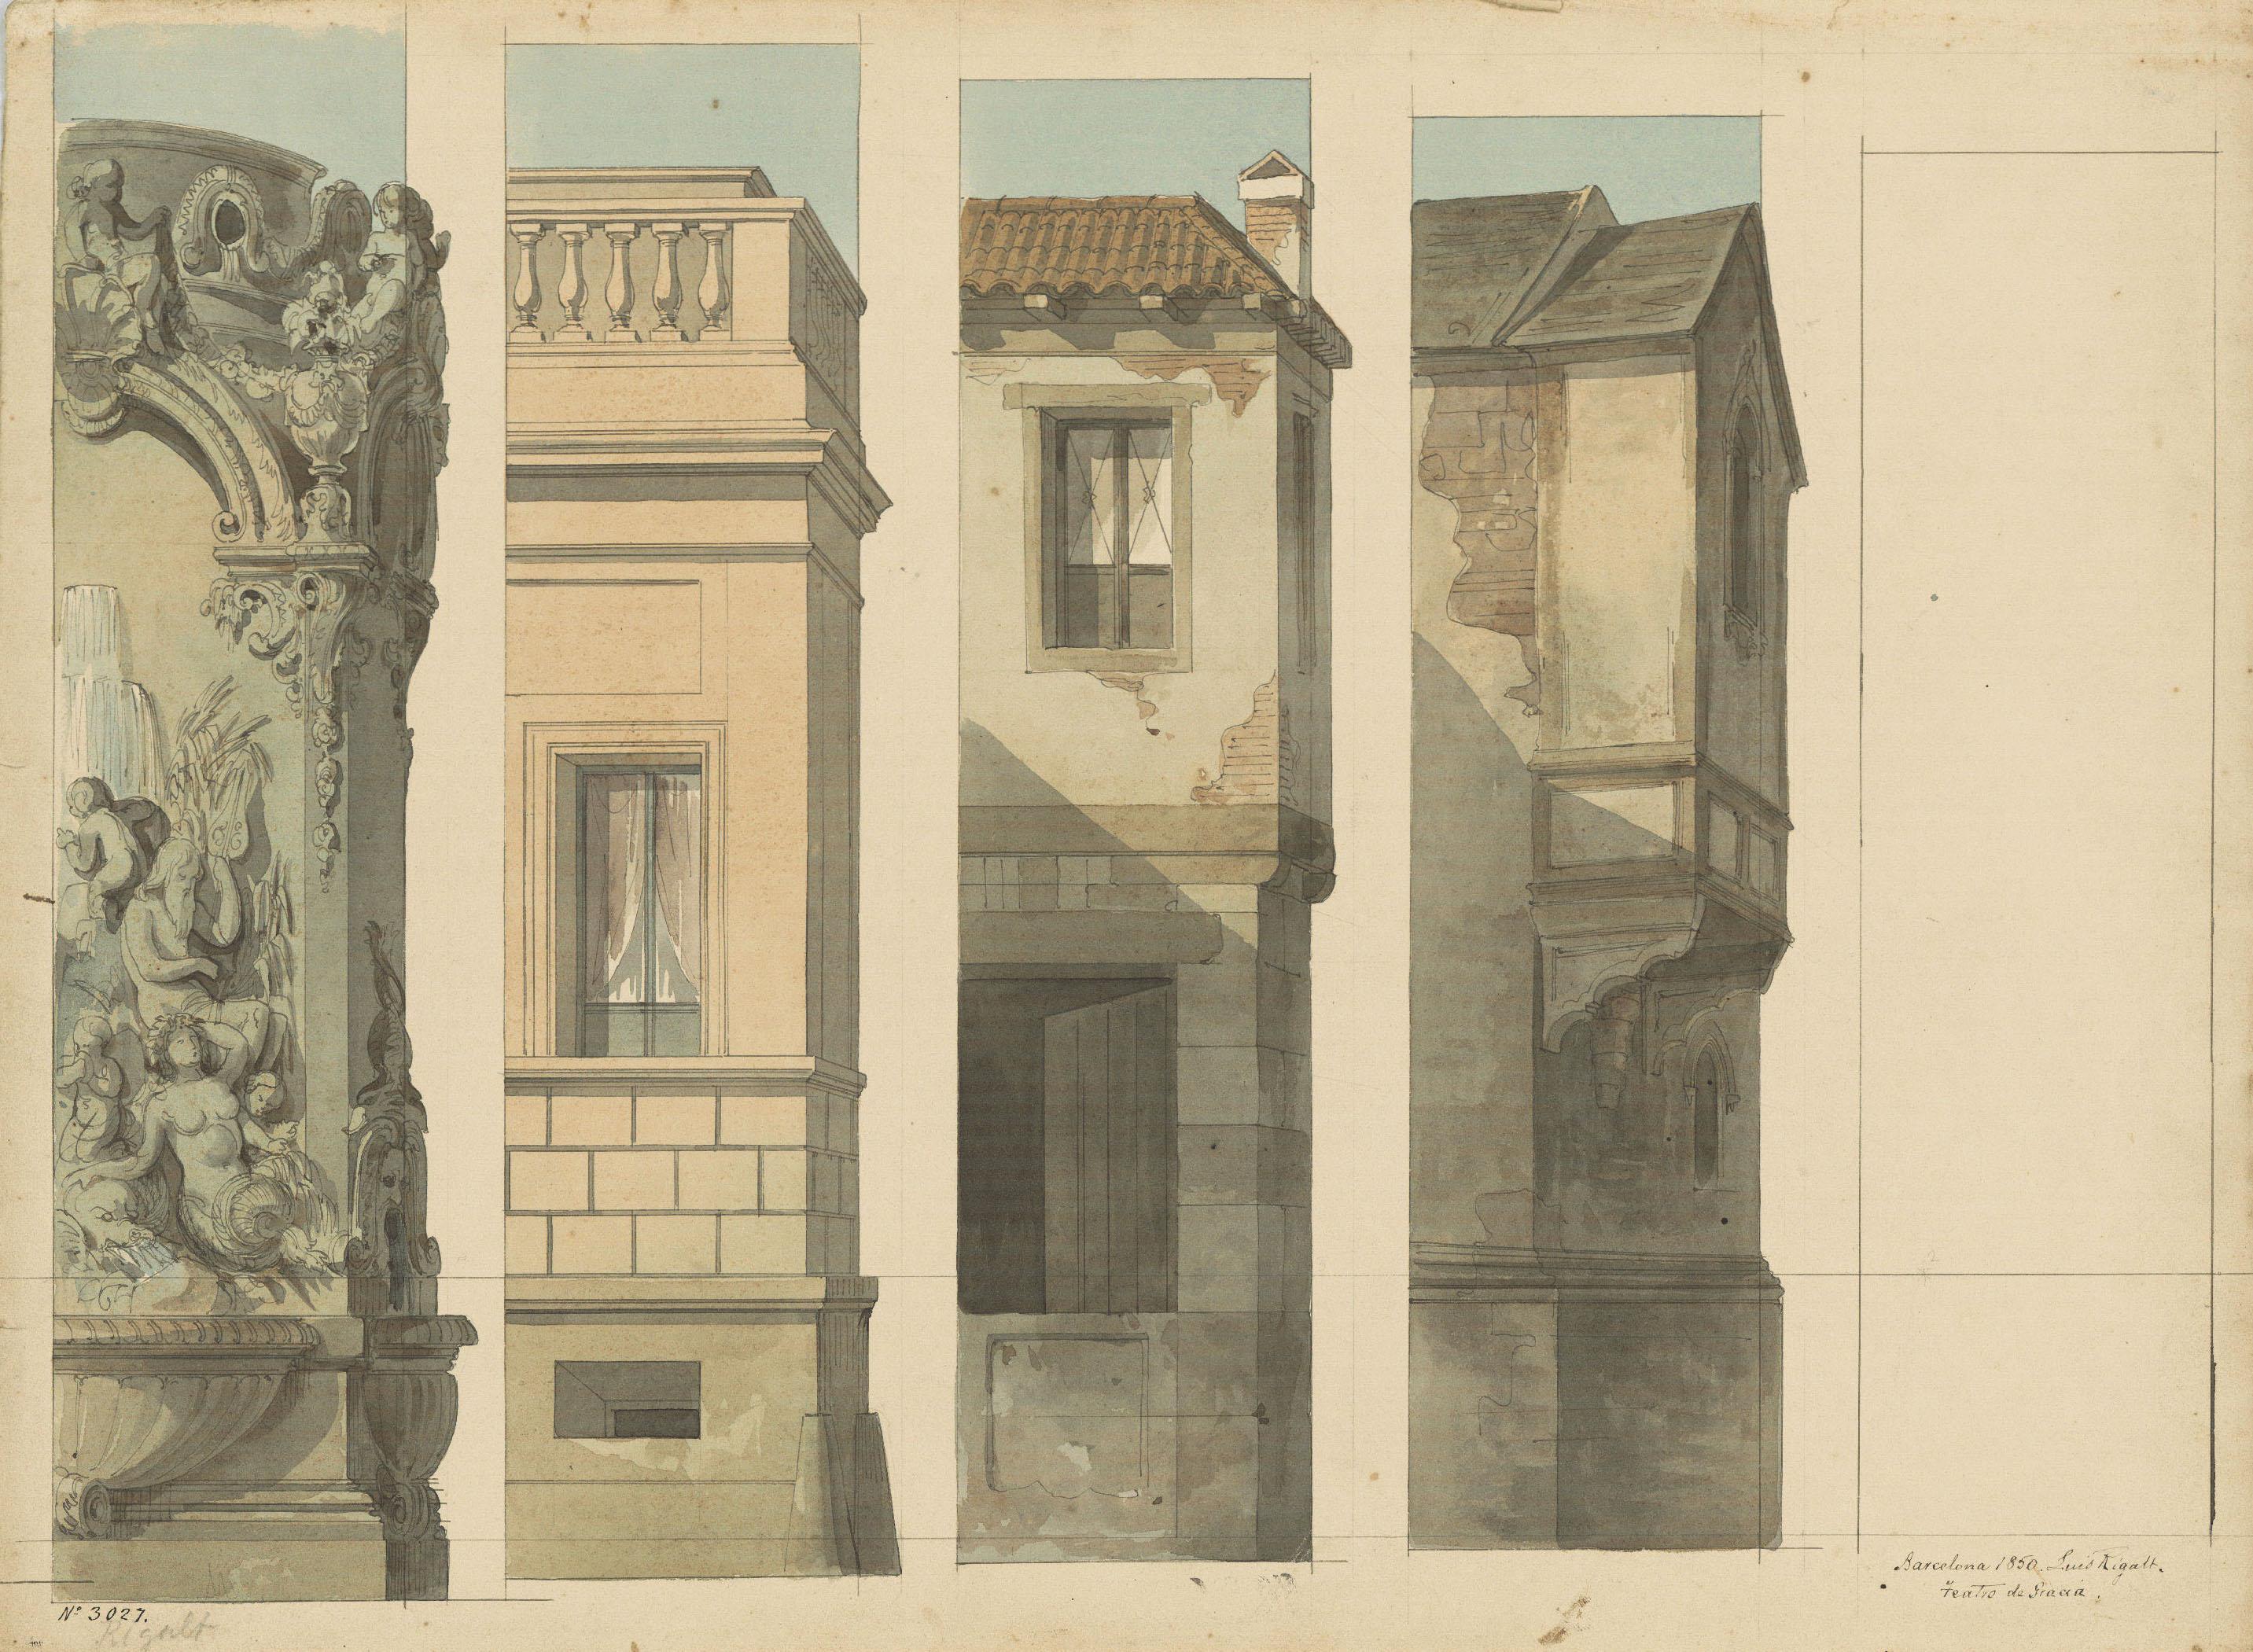 Lluís Rigalt - Arquitectures (escenografia) - 1850